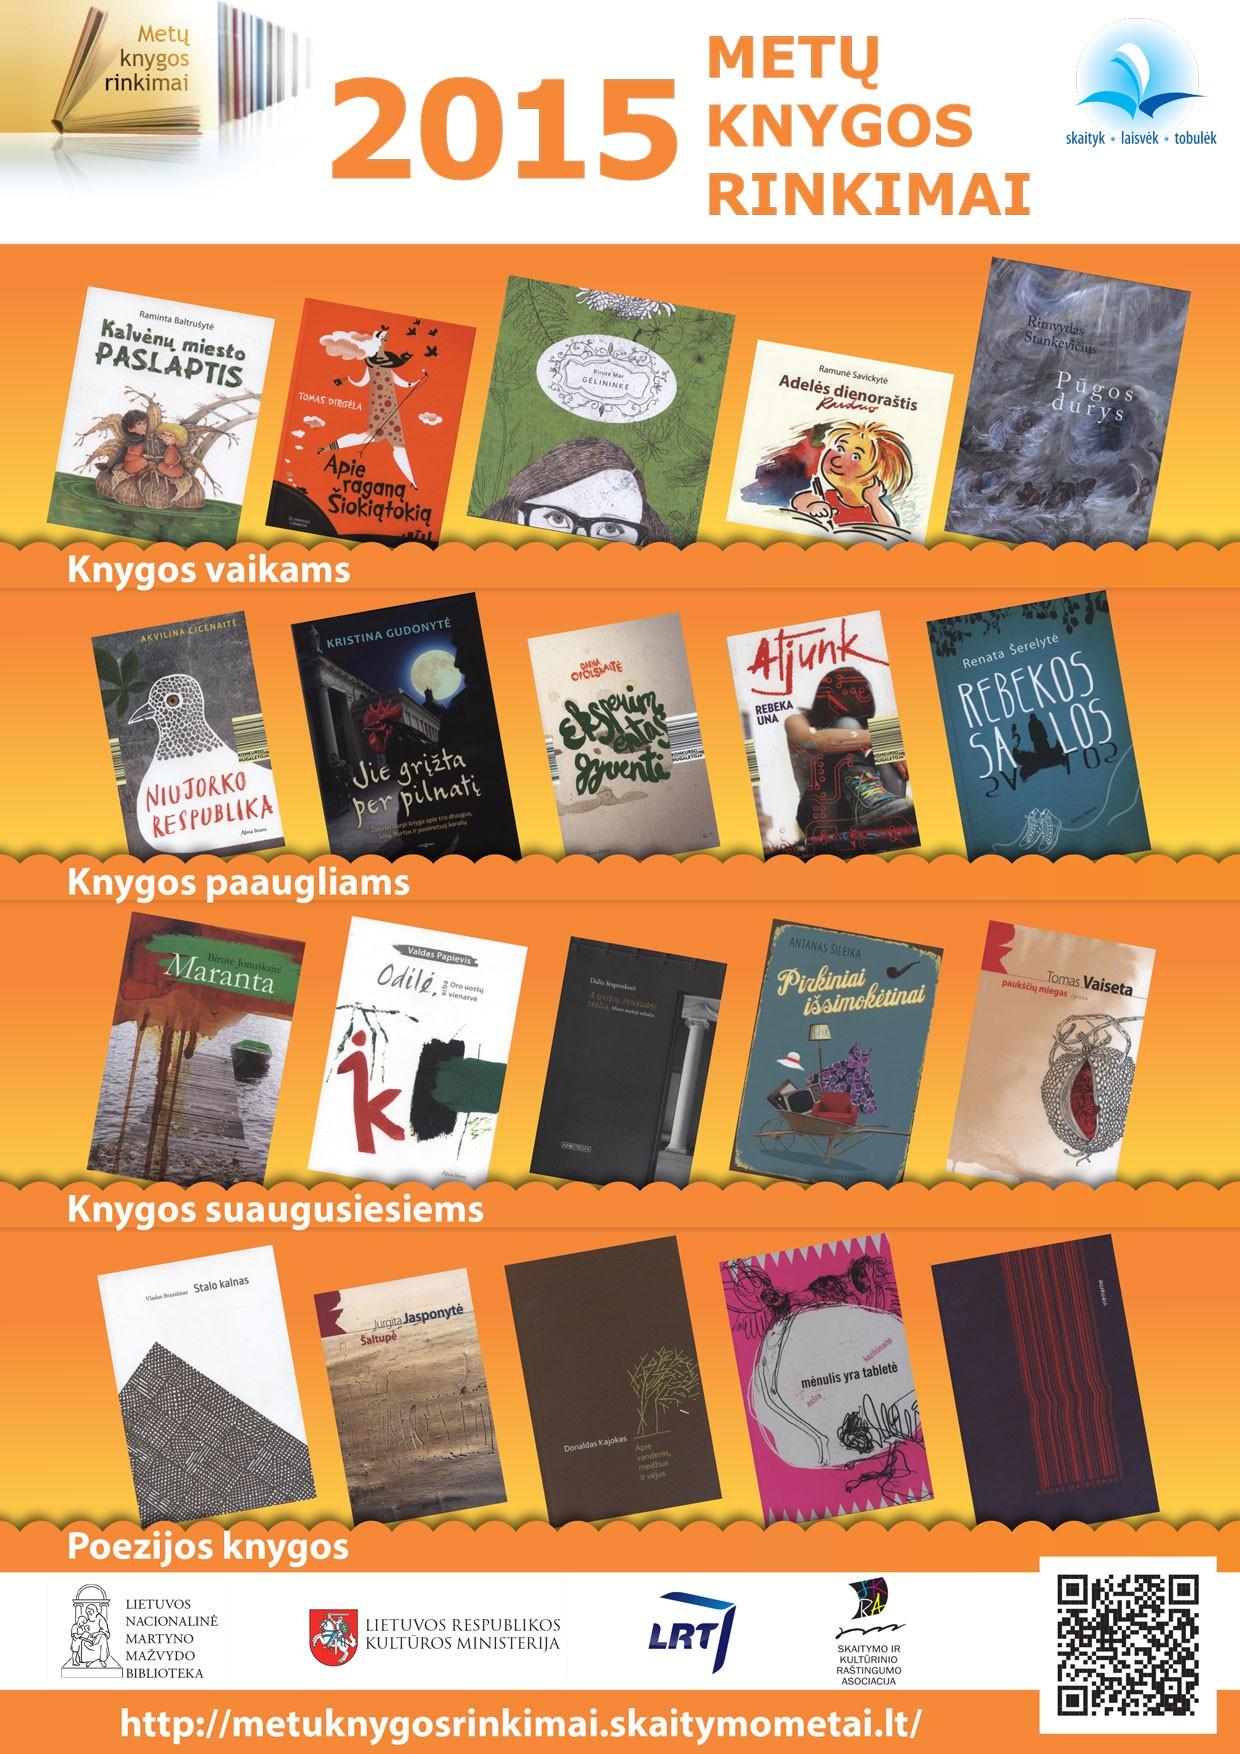 """Skelbiamas akcijos """"Metų knygos rinkimai 2015"""" konkursas moksleiviams"""